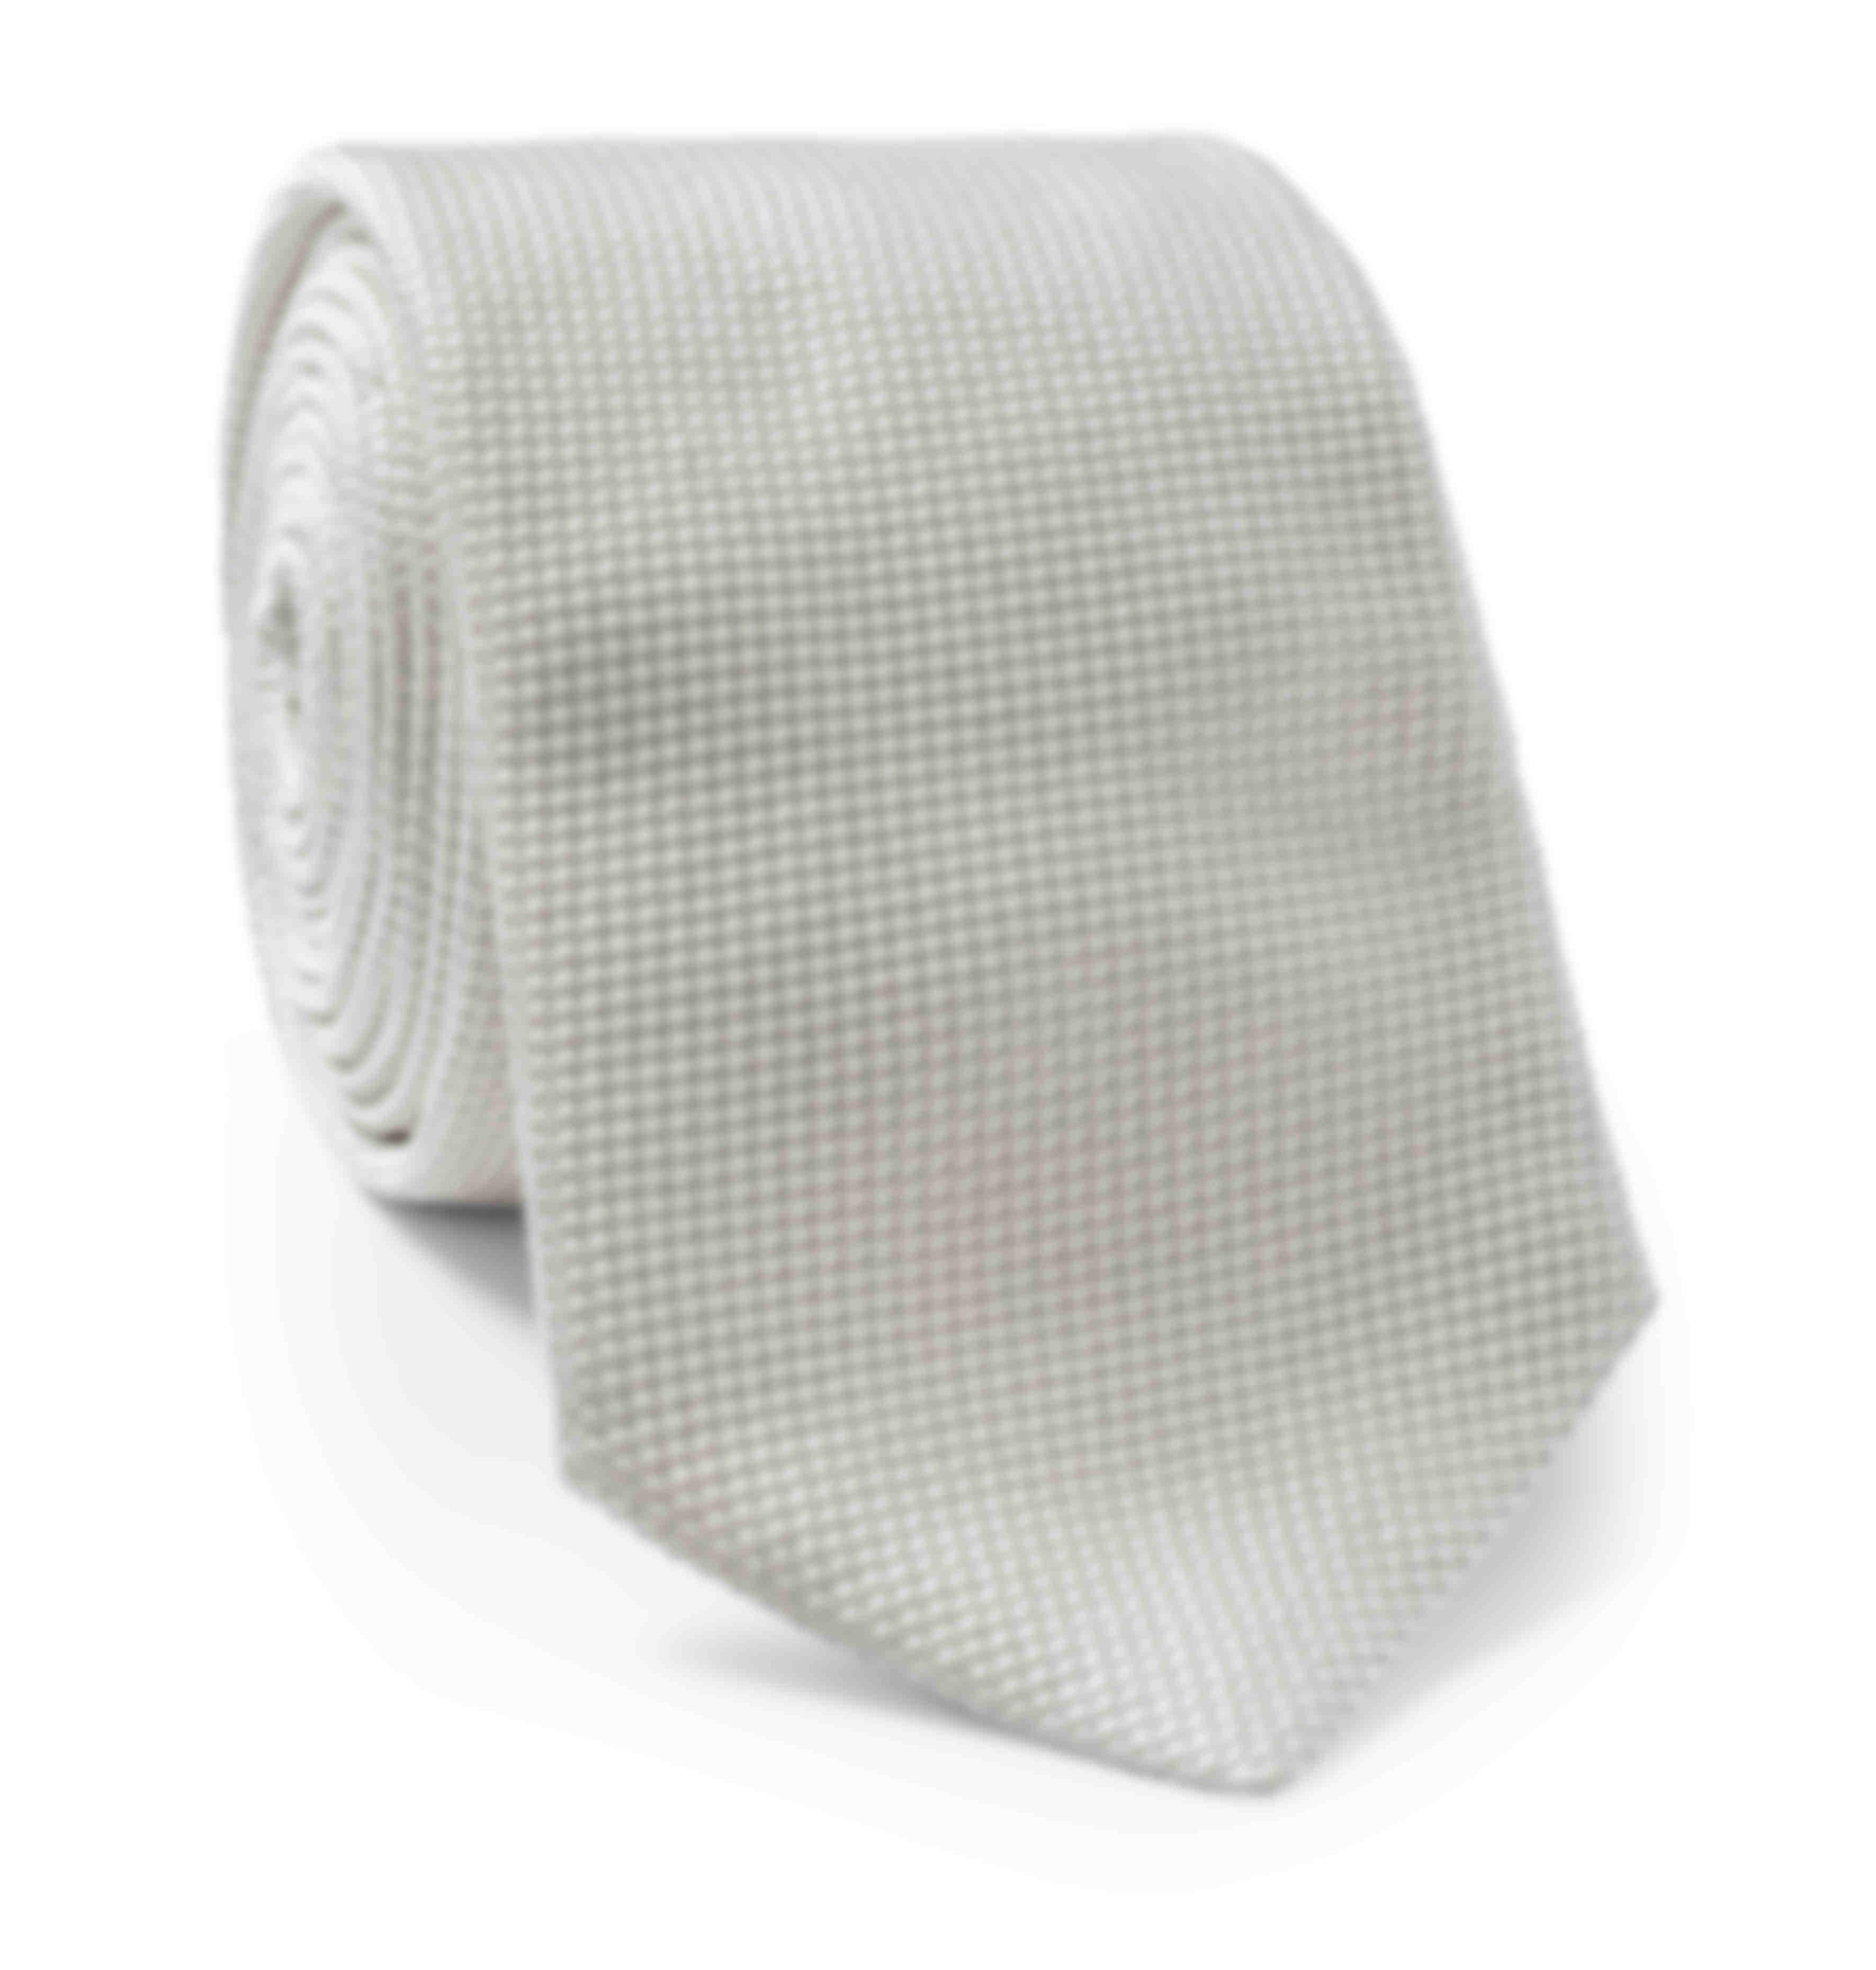 Cravate sur mesure grenadine soie cérémonie par Atelier Mesure